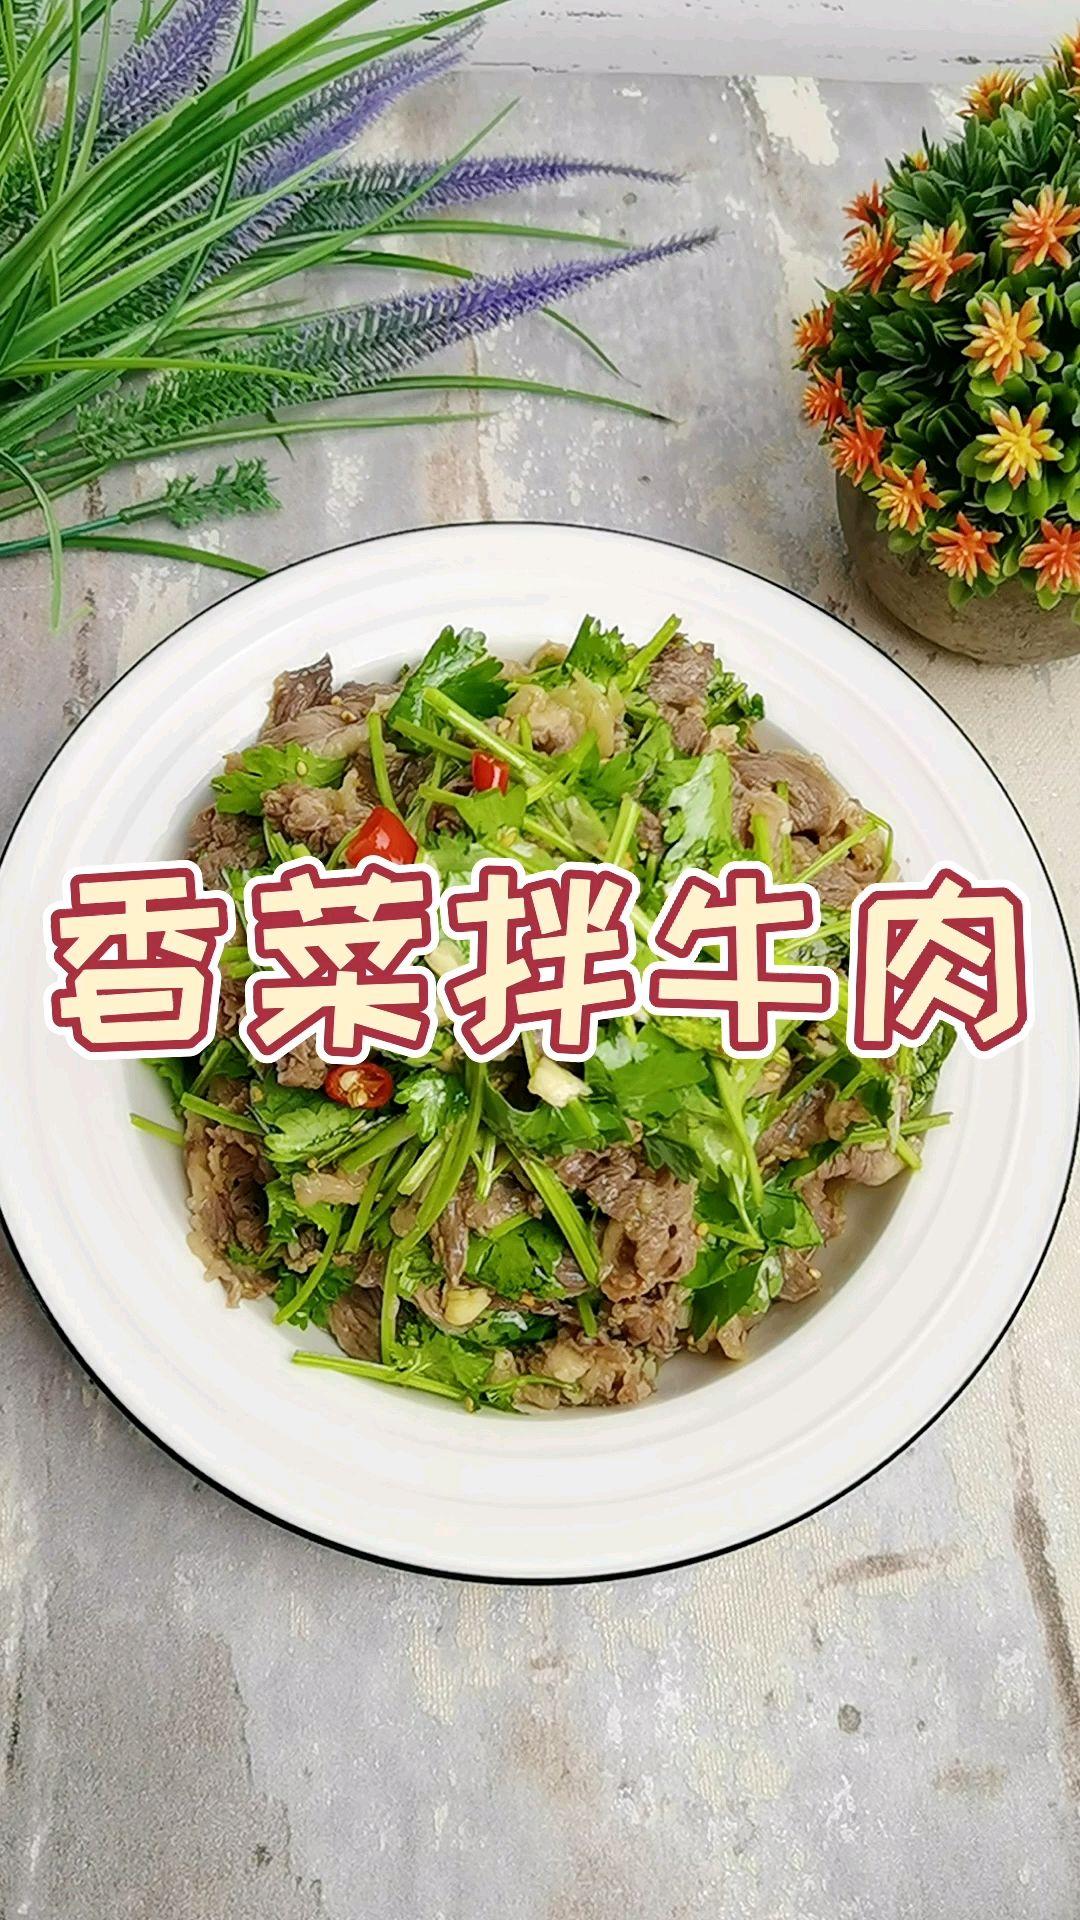 夏日凉拌硬菜,若不是因为穷,真想天天吃这道菜